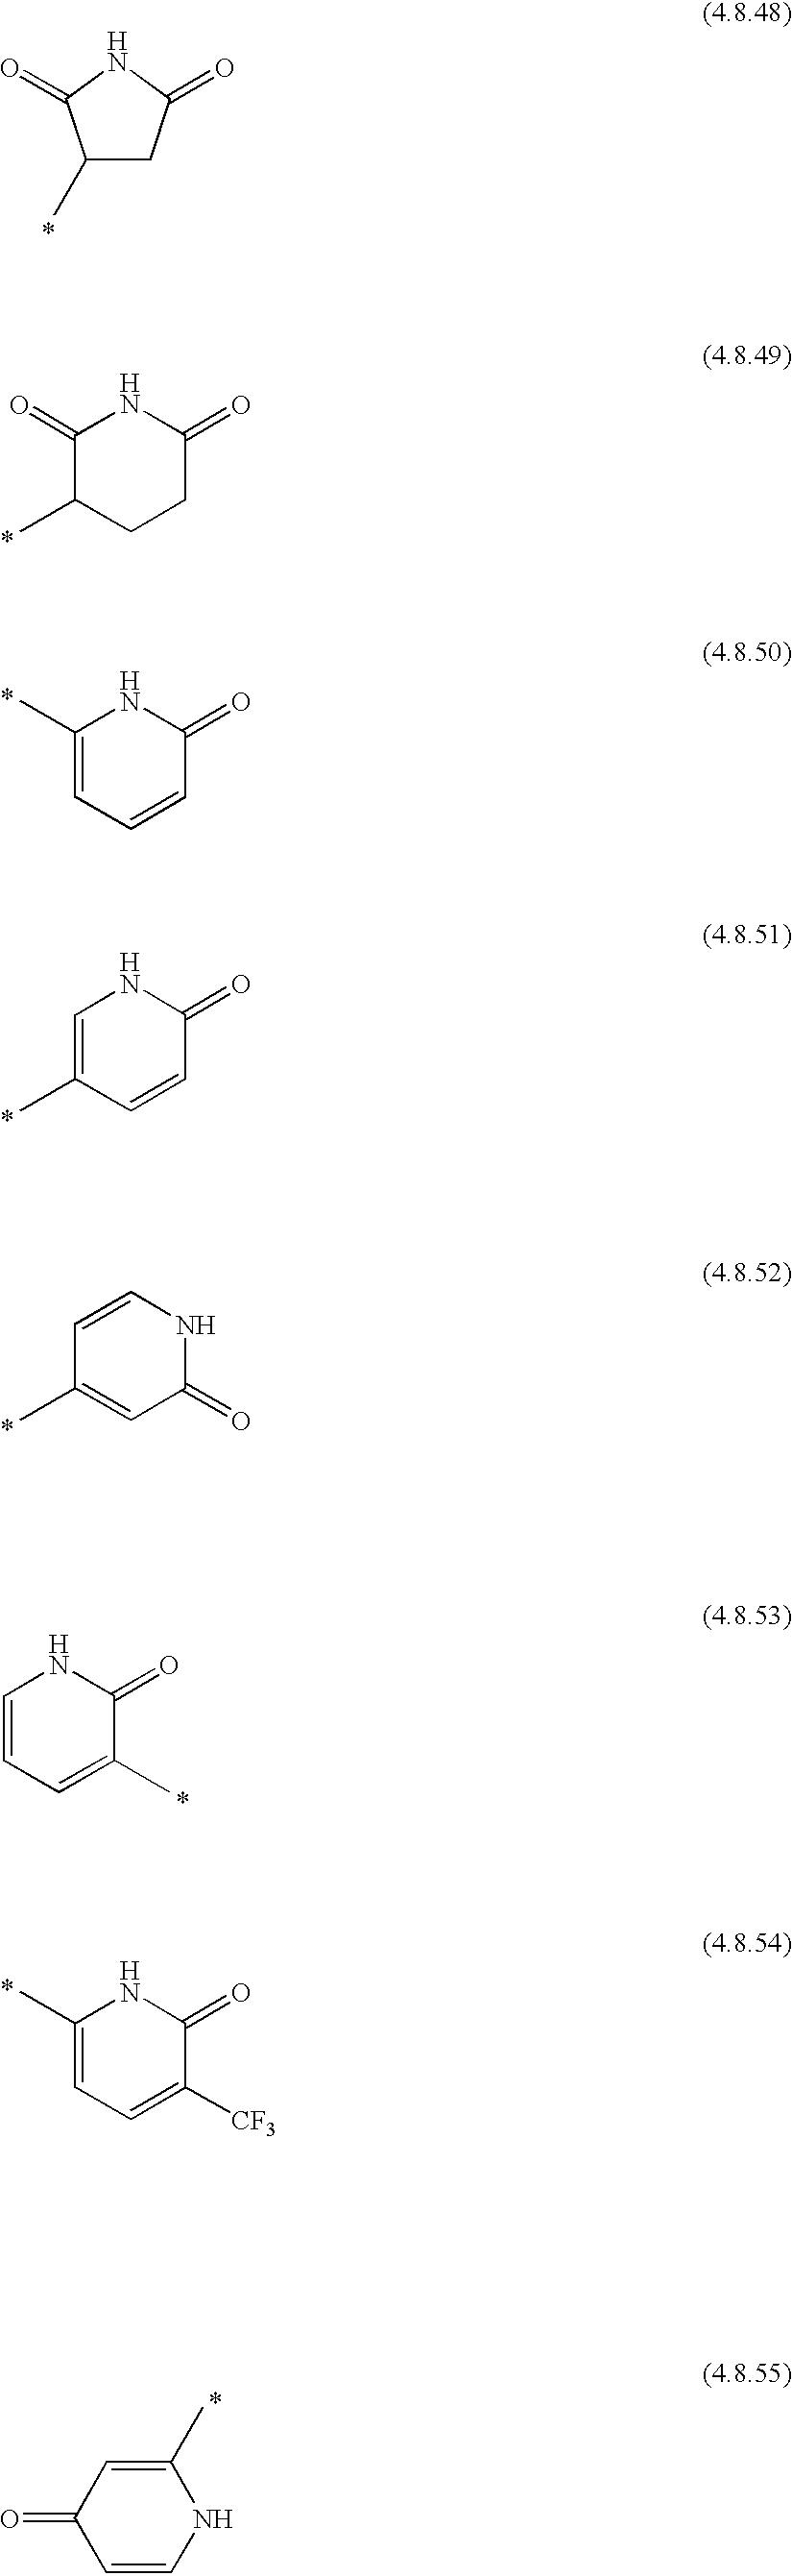 Figure US20030186974A1-20031002-C00163